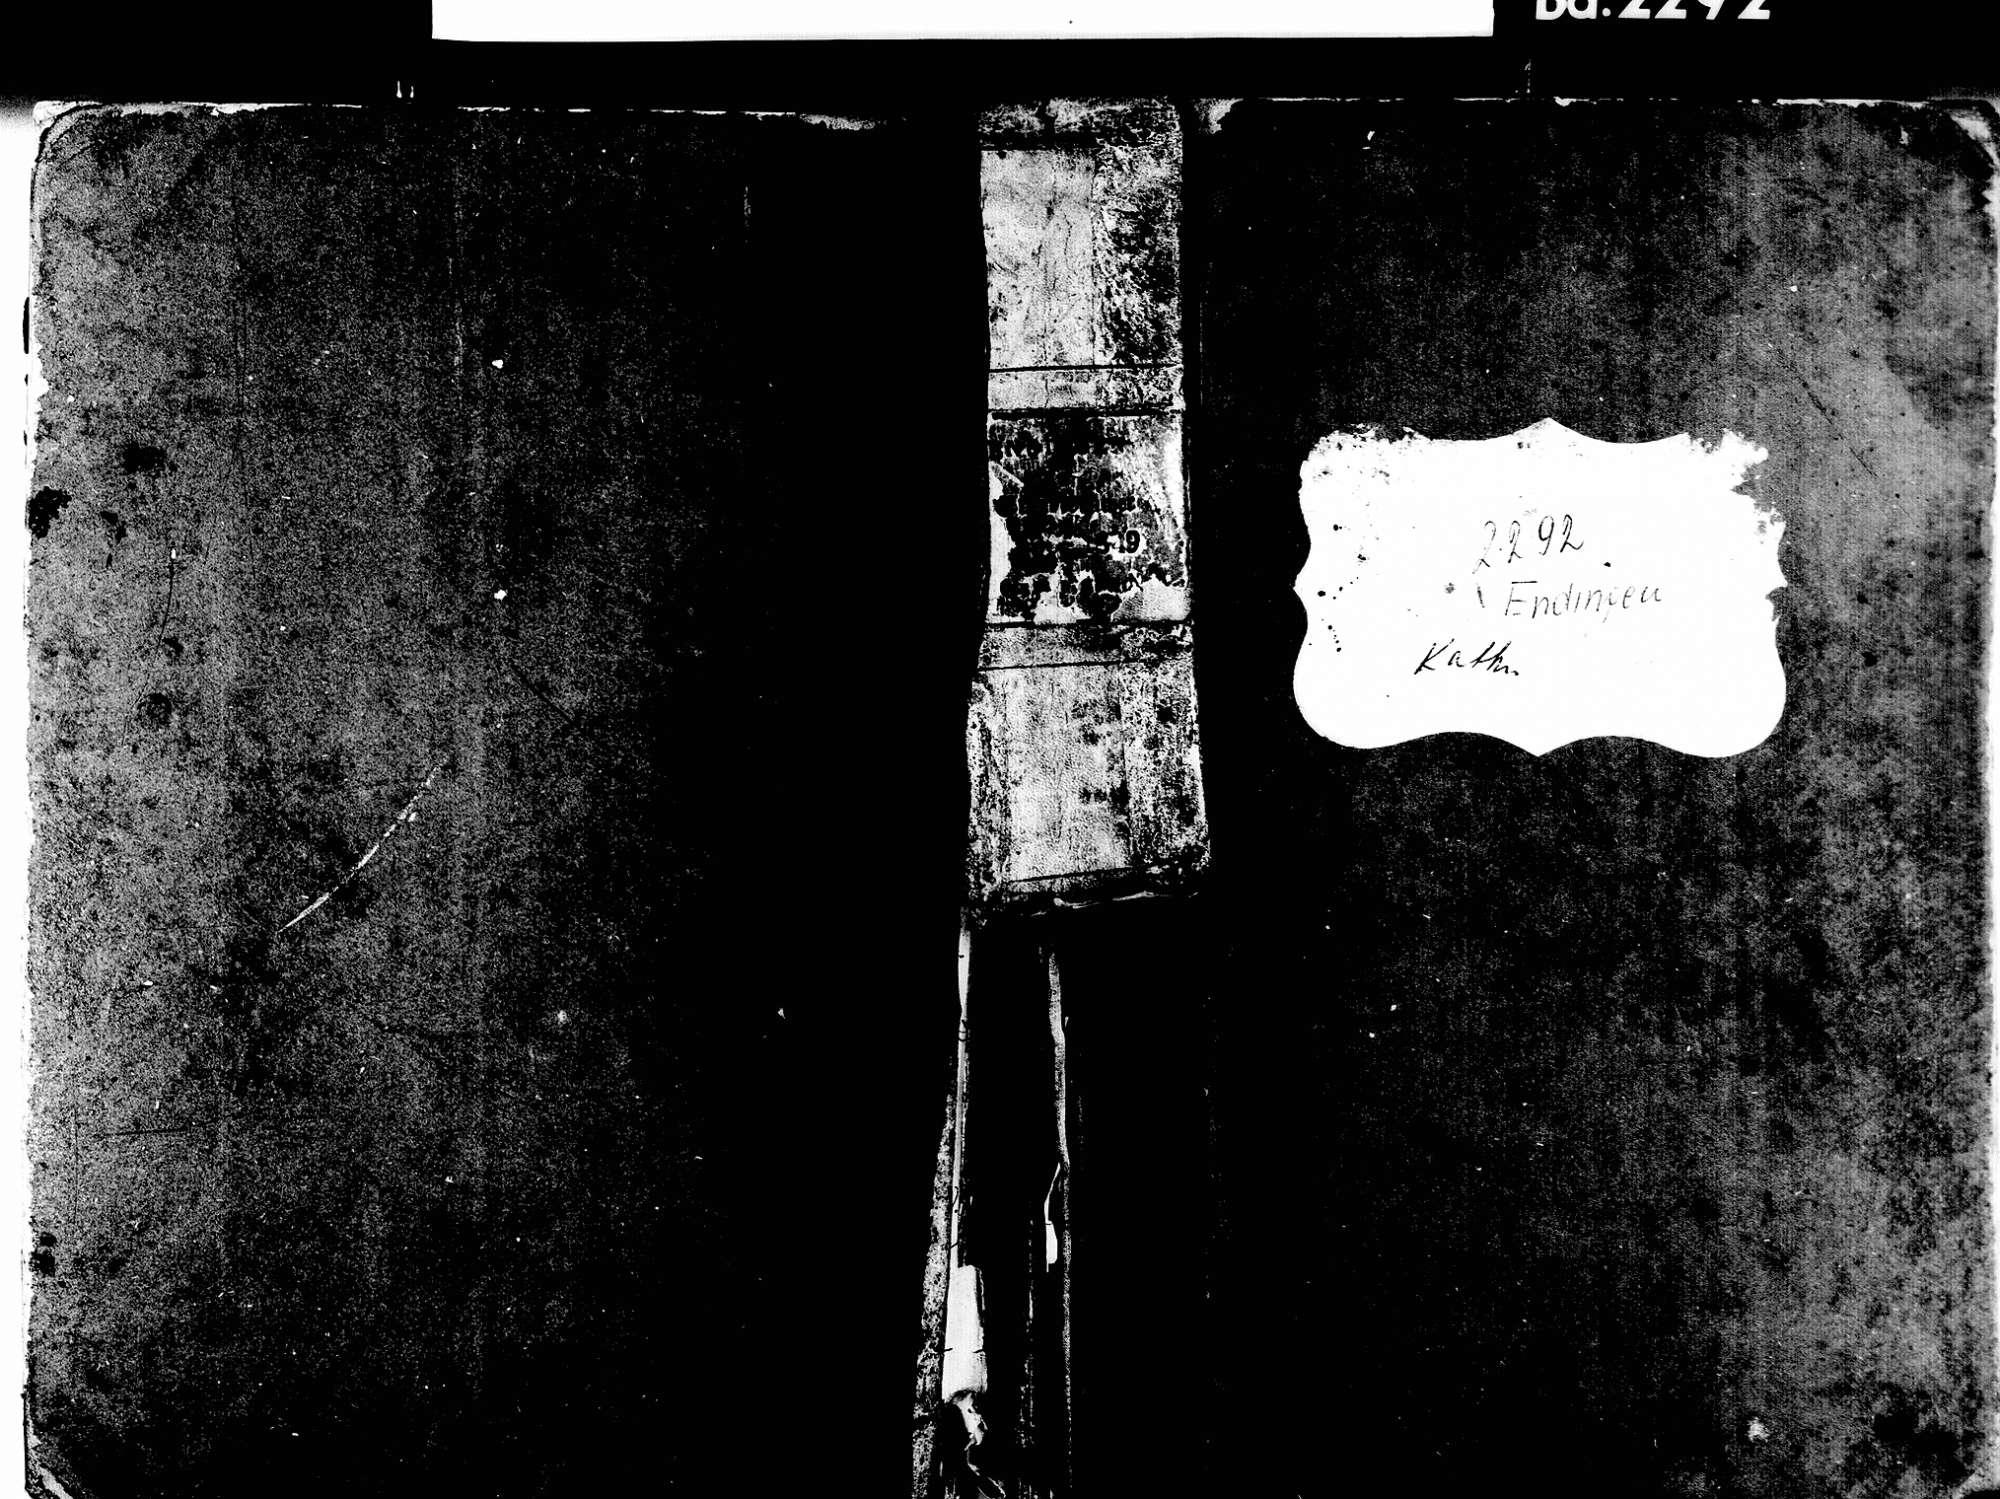 Endingen EM; Evangelische Gemeinde: Geburtenbuch 1830-1849 Endingen EM; Katholische Gemeinde: Geburtenbuch 1830-1849, Bild 1